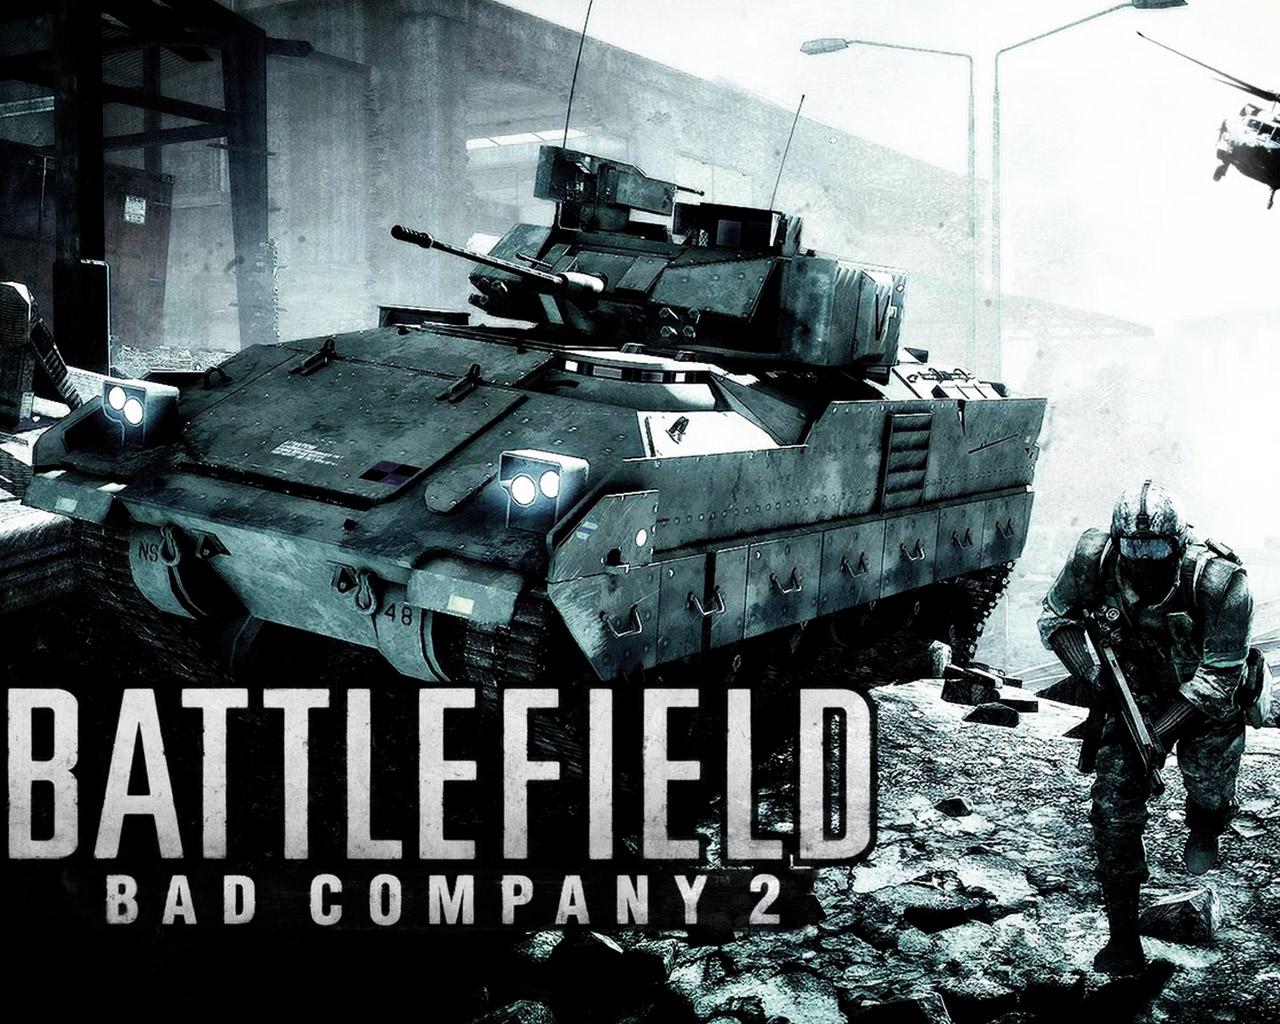 Battlefield: Bad Company 2 Wallpaper in 1280x1024